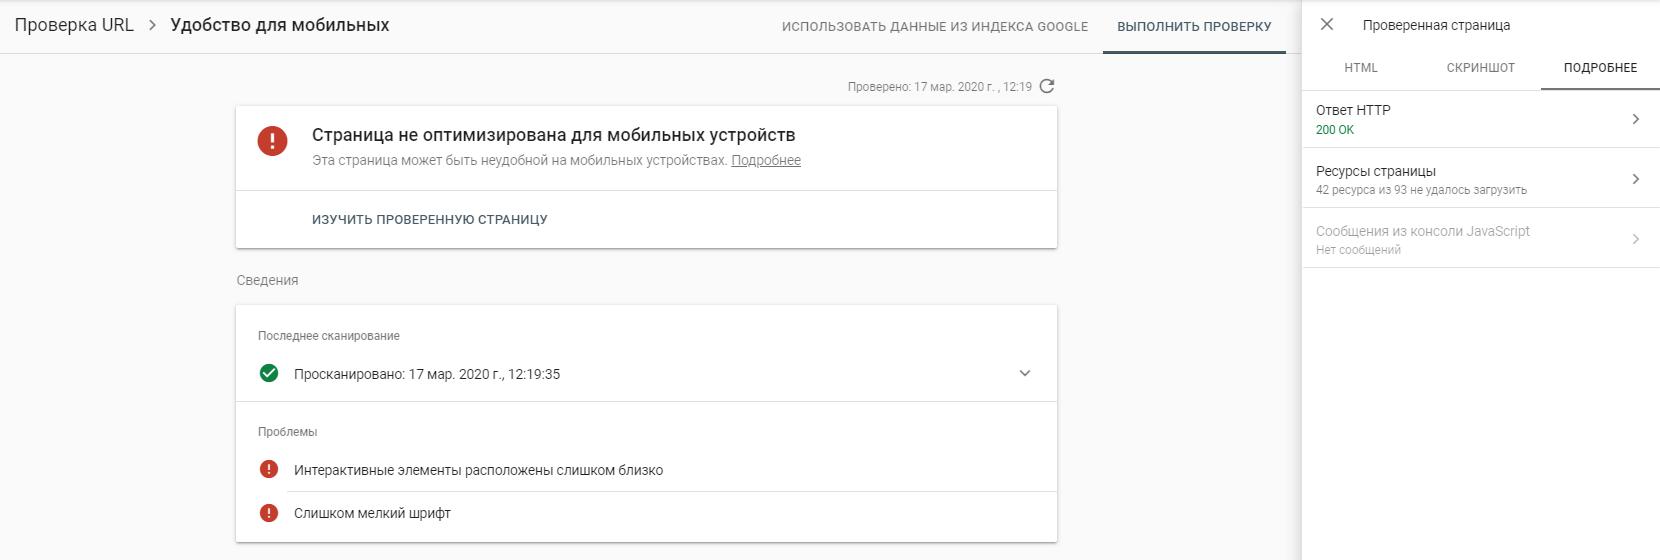 Подробная информация о просканированной странице в Google Search Console